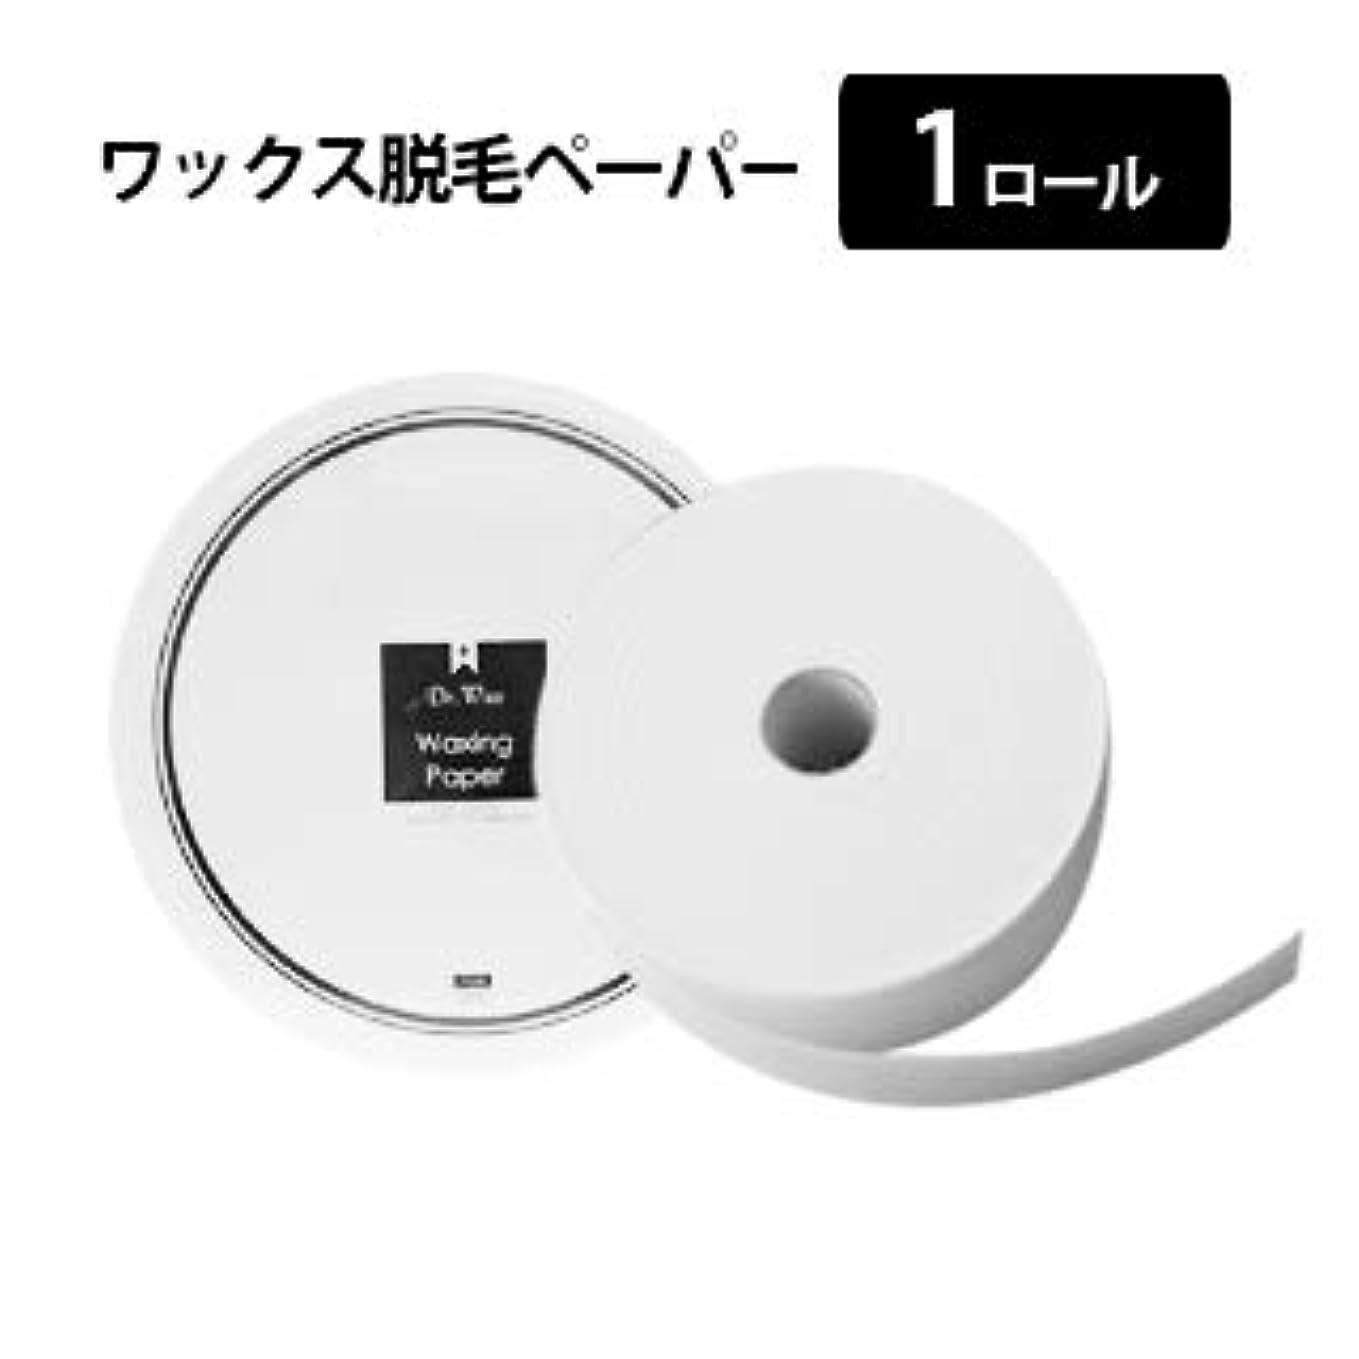 キャンバス咽頭バリー【1ロール】ワックスロールペーパー 7cm スパンレース素材